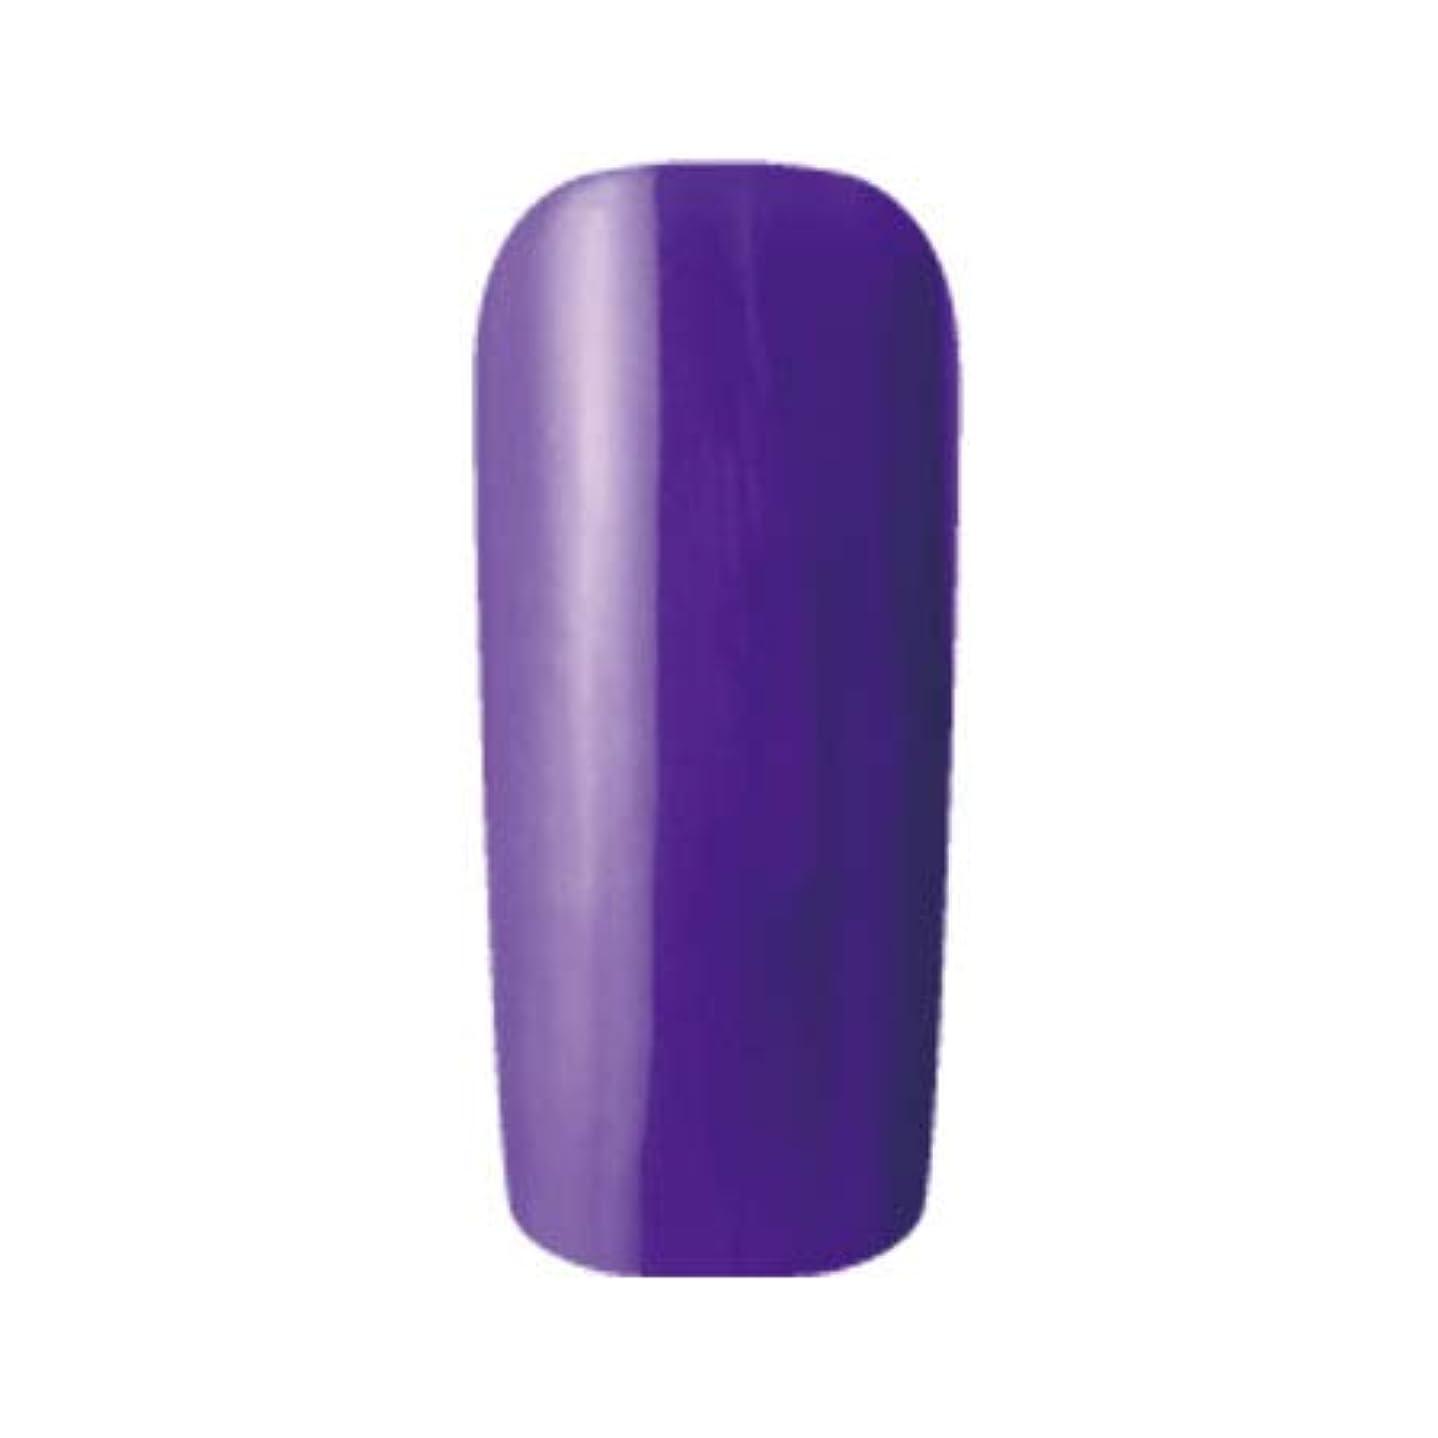 寛大さ上記の頭と肩遺産Fleurir Color Gel フルーリアカラージェル C15 シコン 4ml